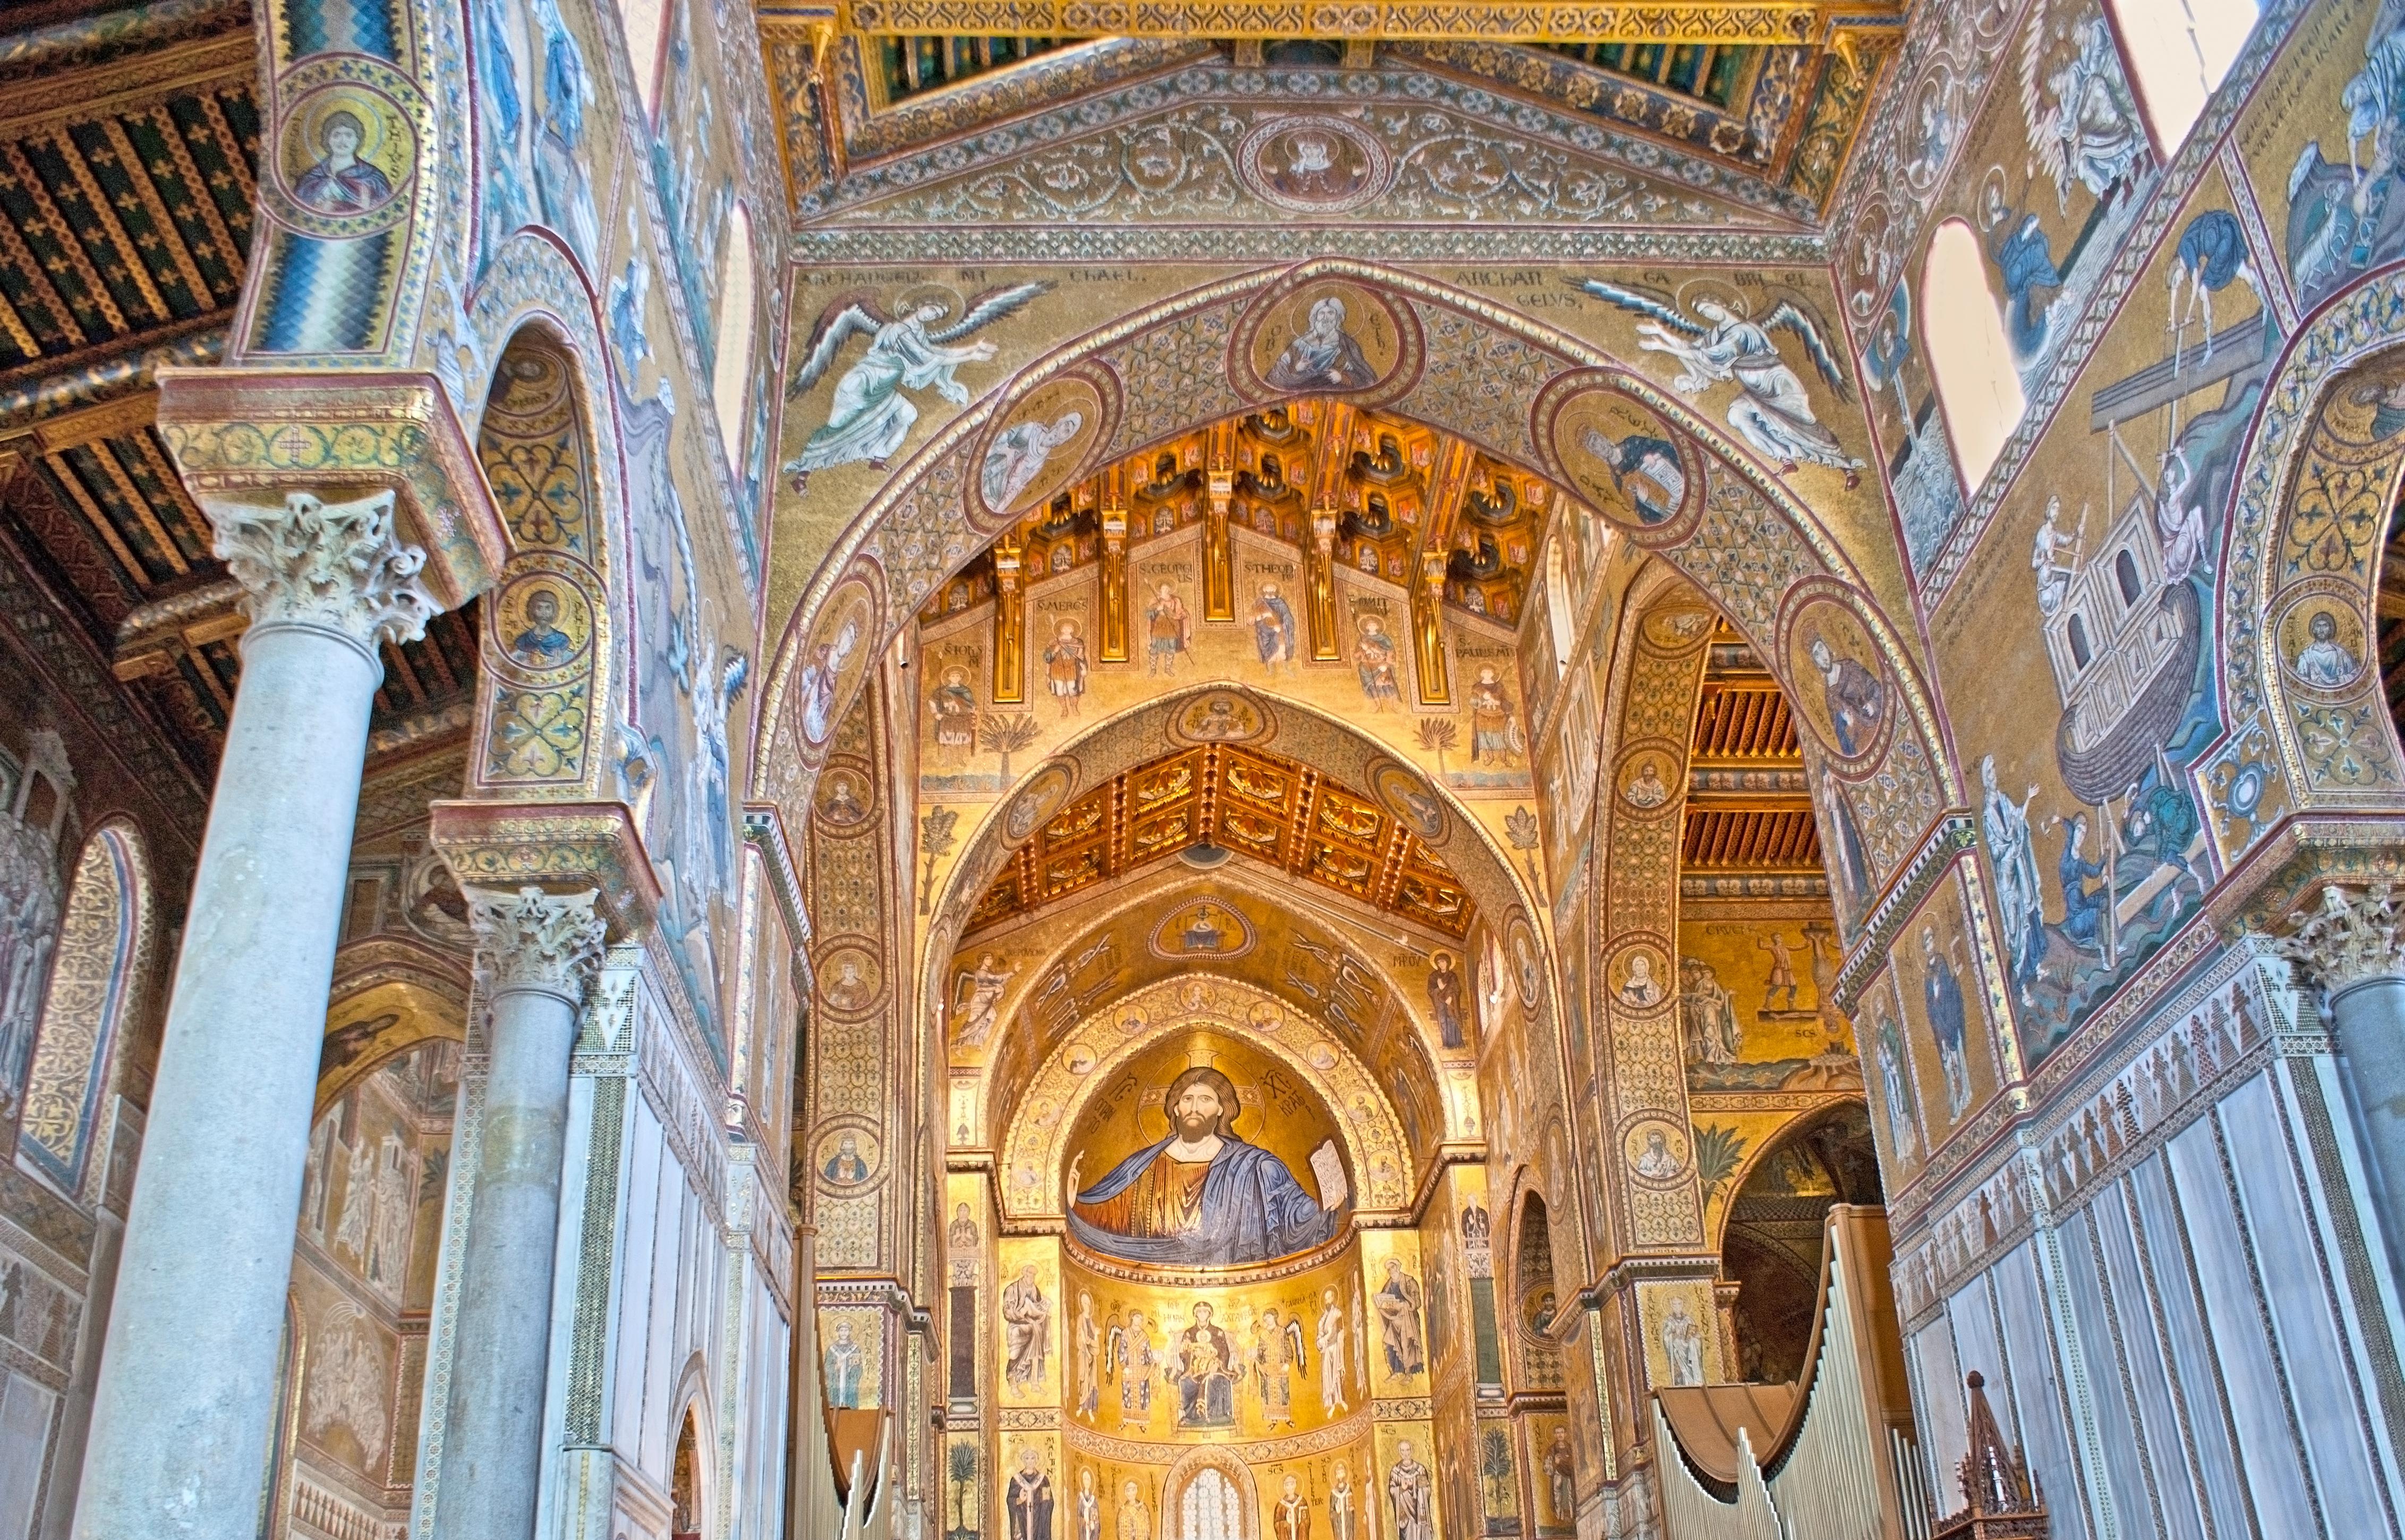 Admira los mosaicos de la Catedral de Monreale - Italia Circuito Sicilia Clásica y Nápoles